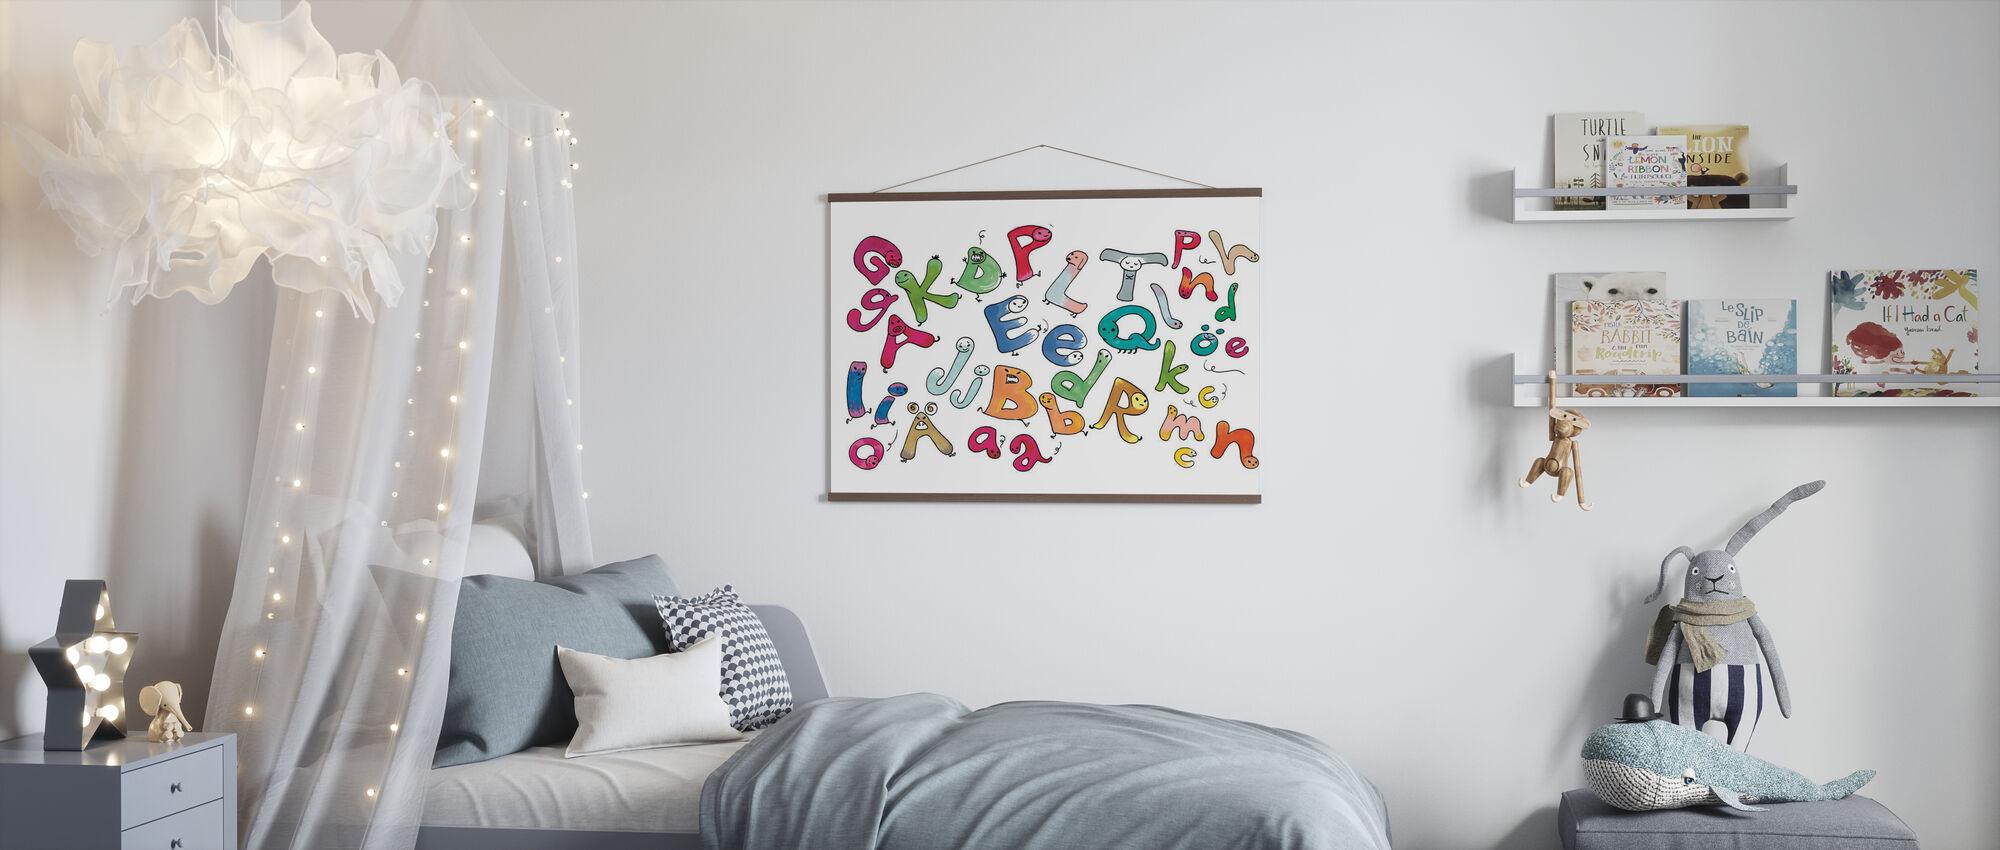 Lettere variegate - Poster - Camera dei bambini